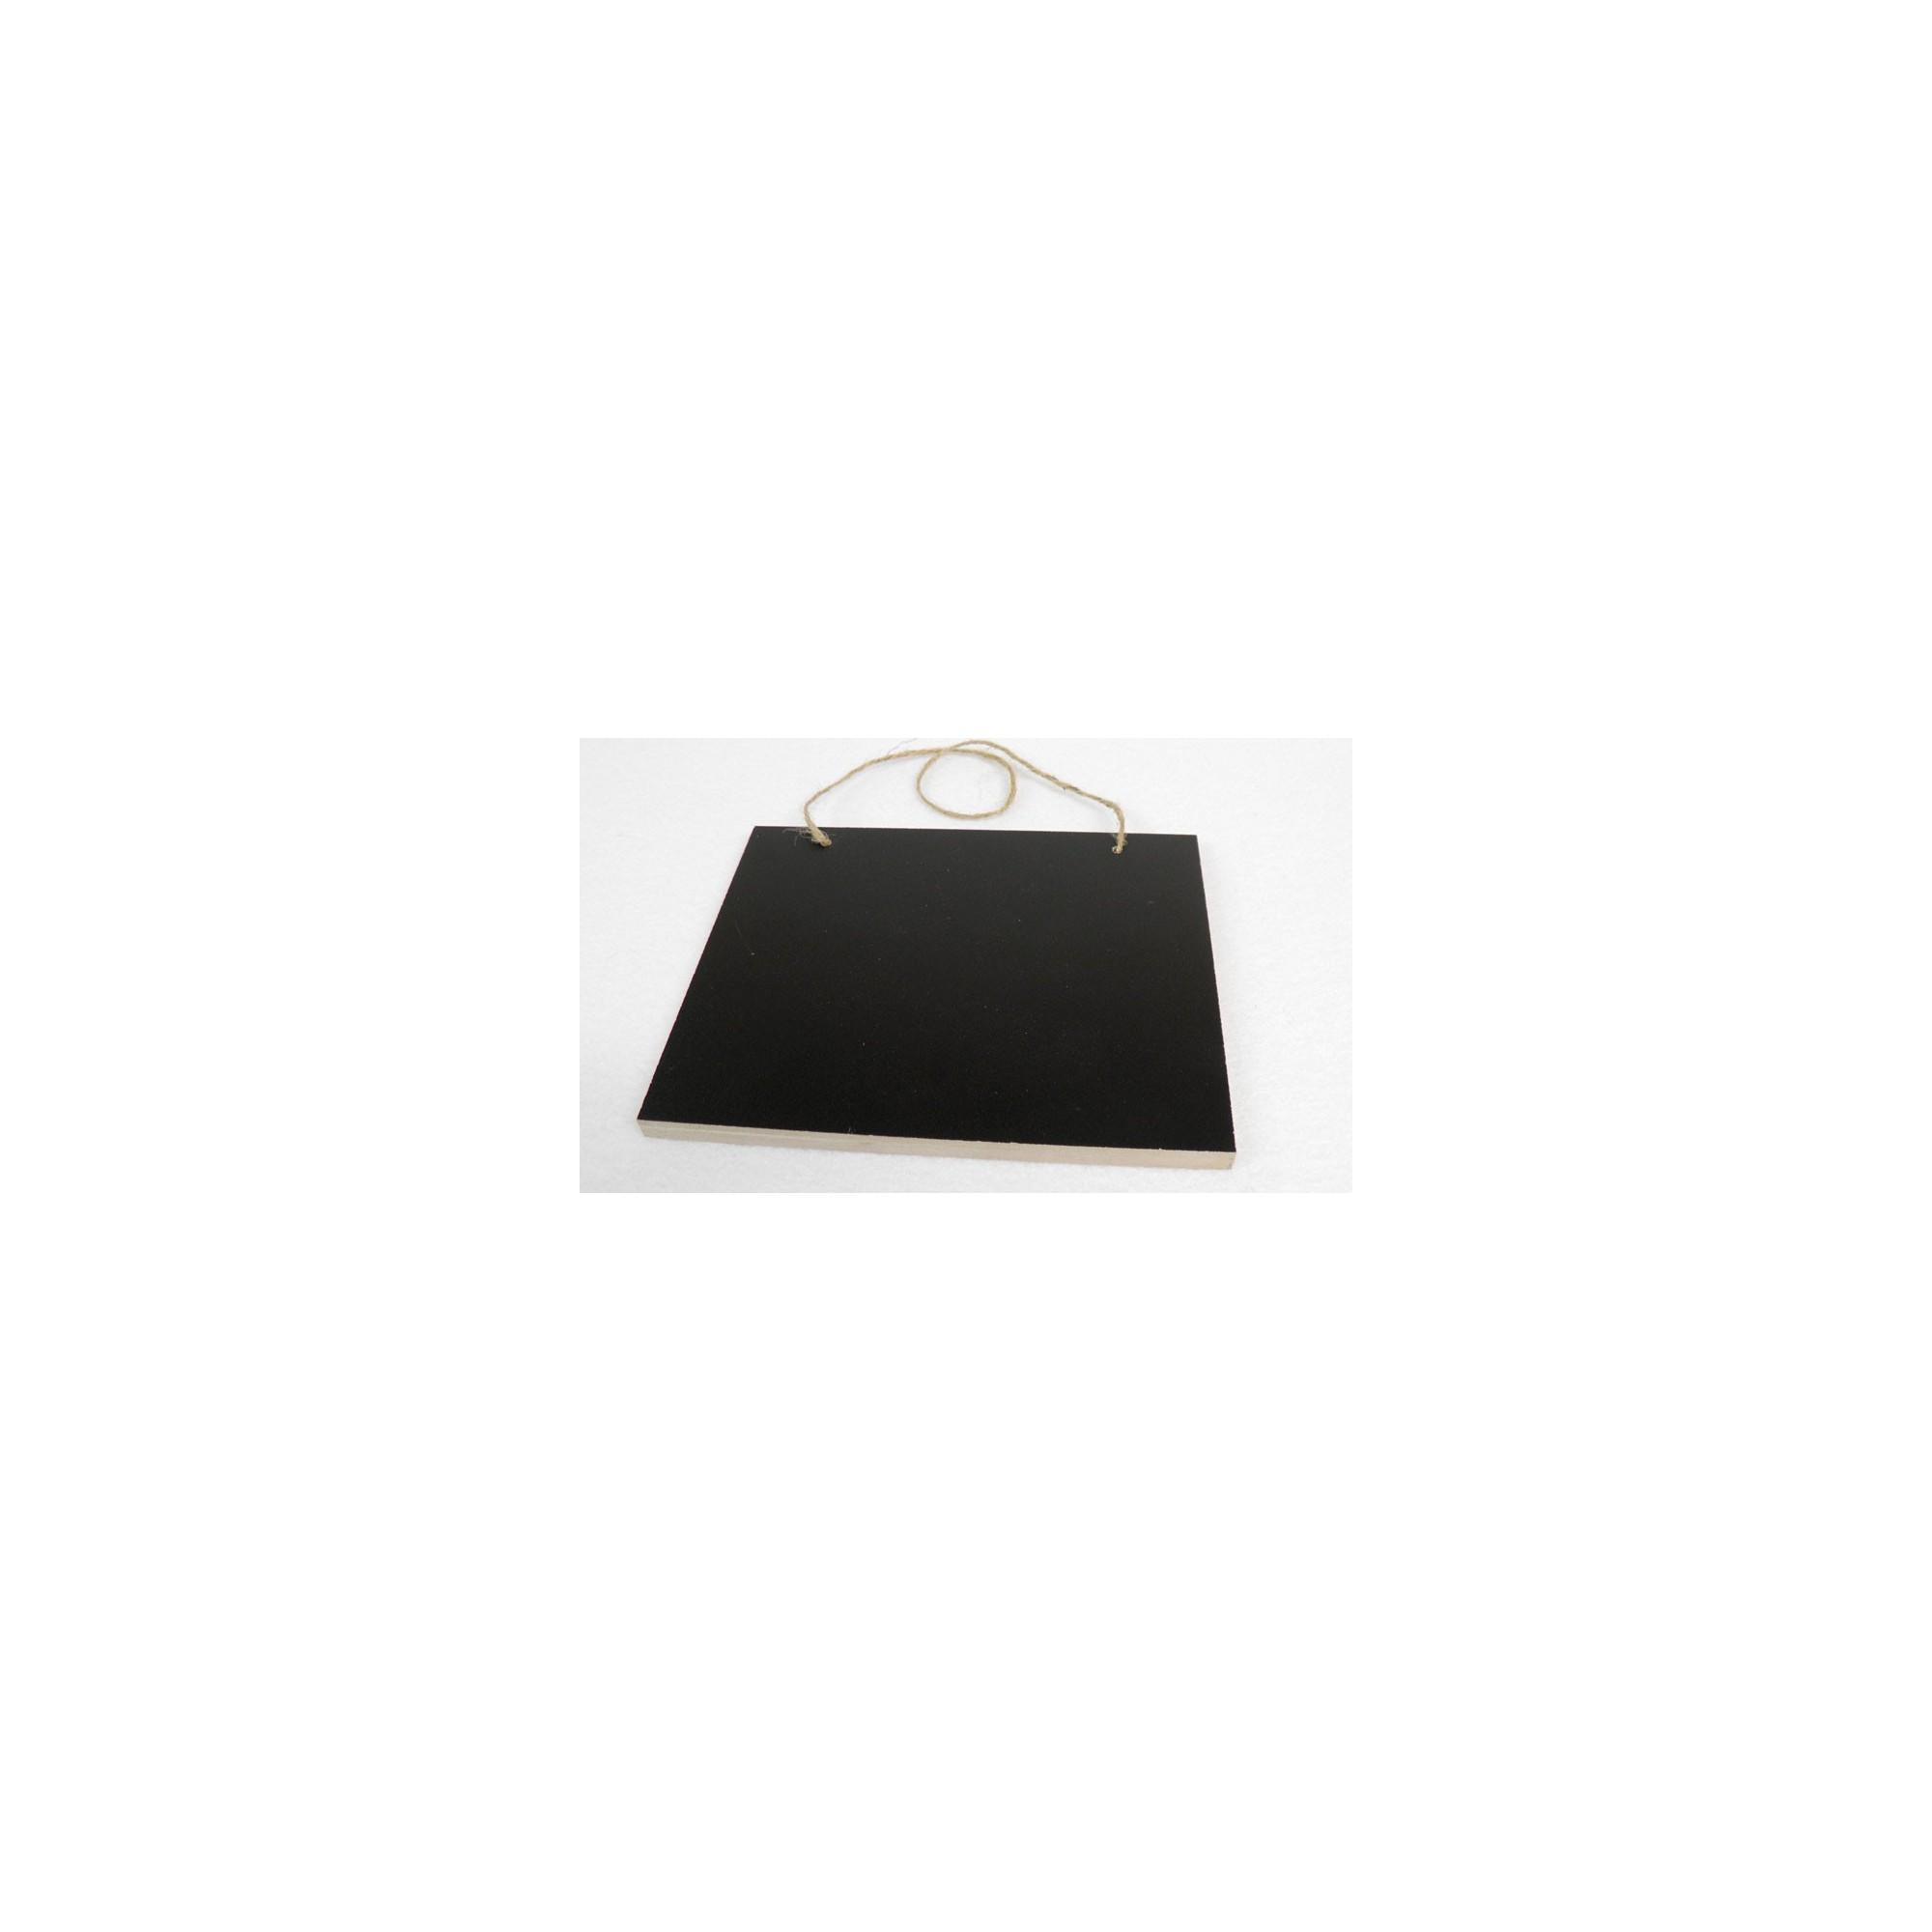 Ξύλινο Καδράκι Μαυροπίνακας - PP-0519272